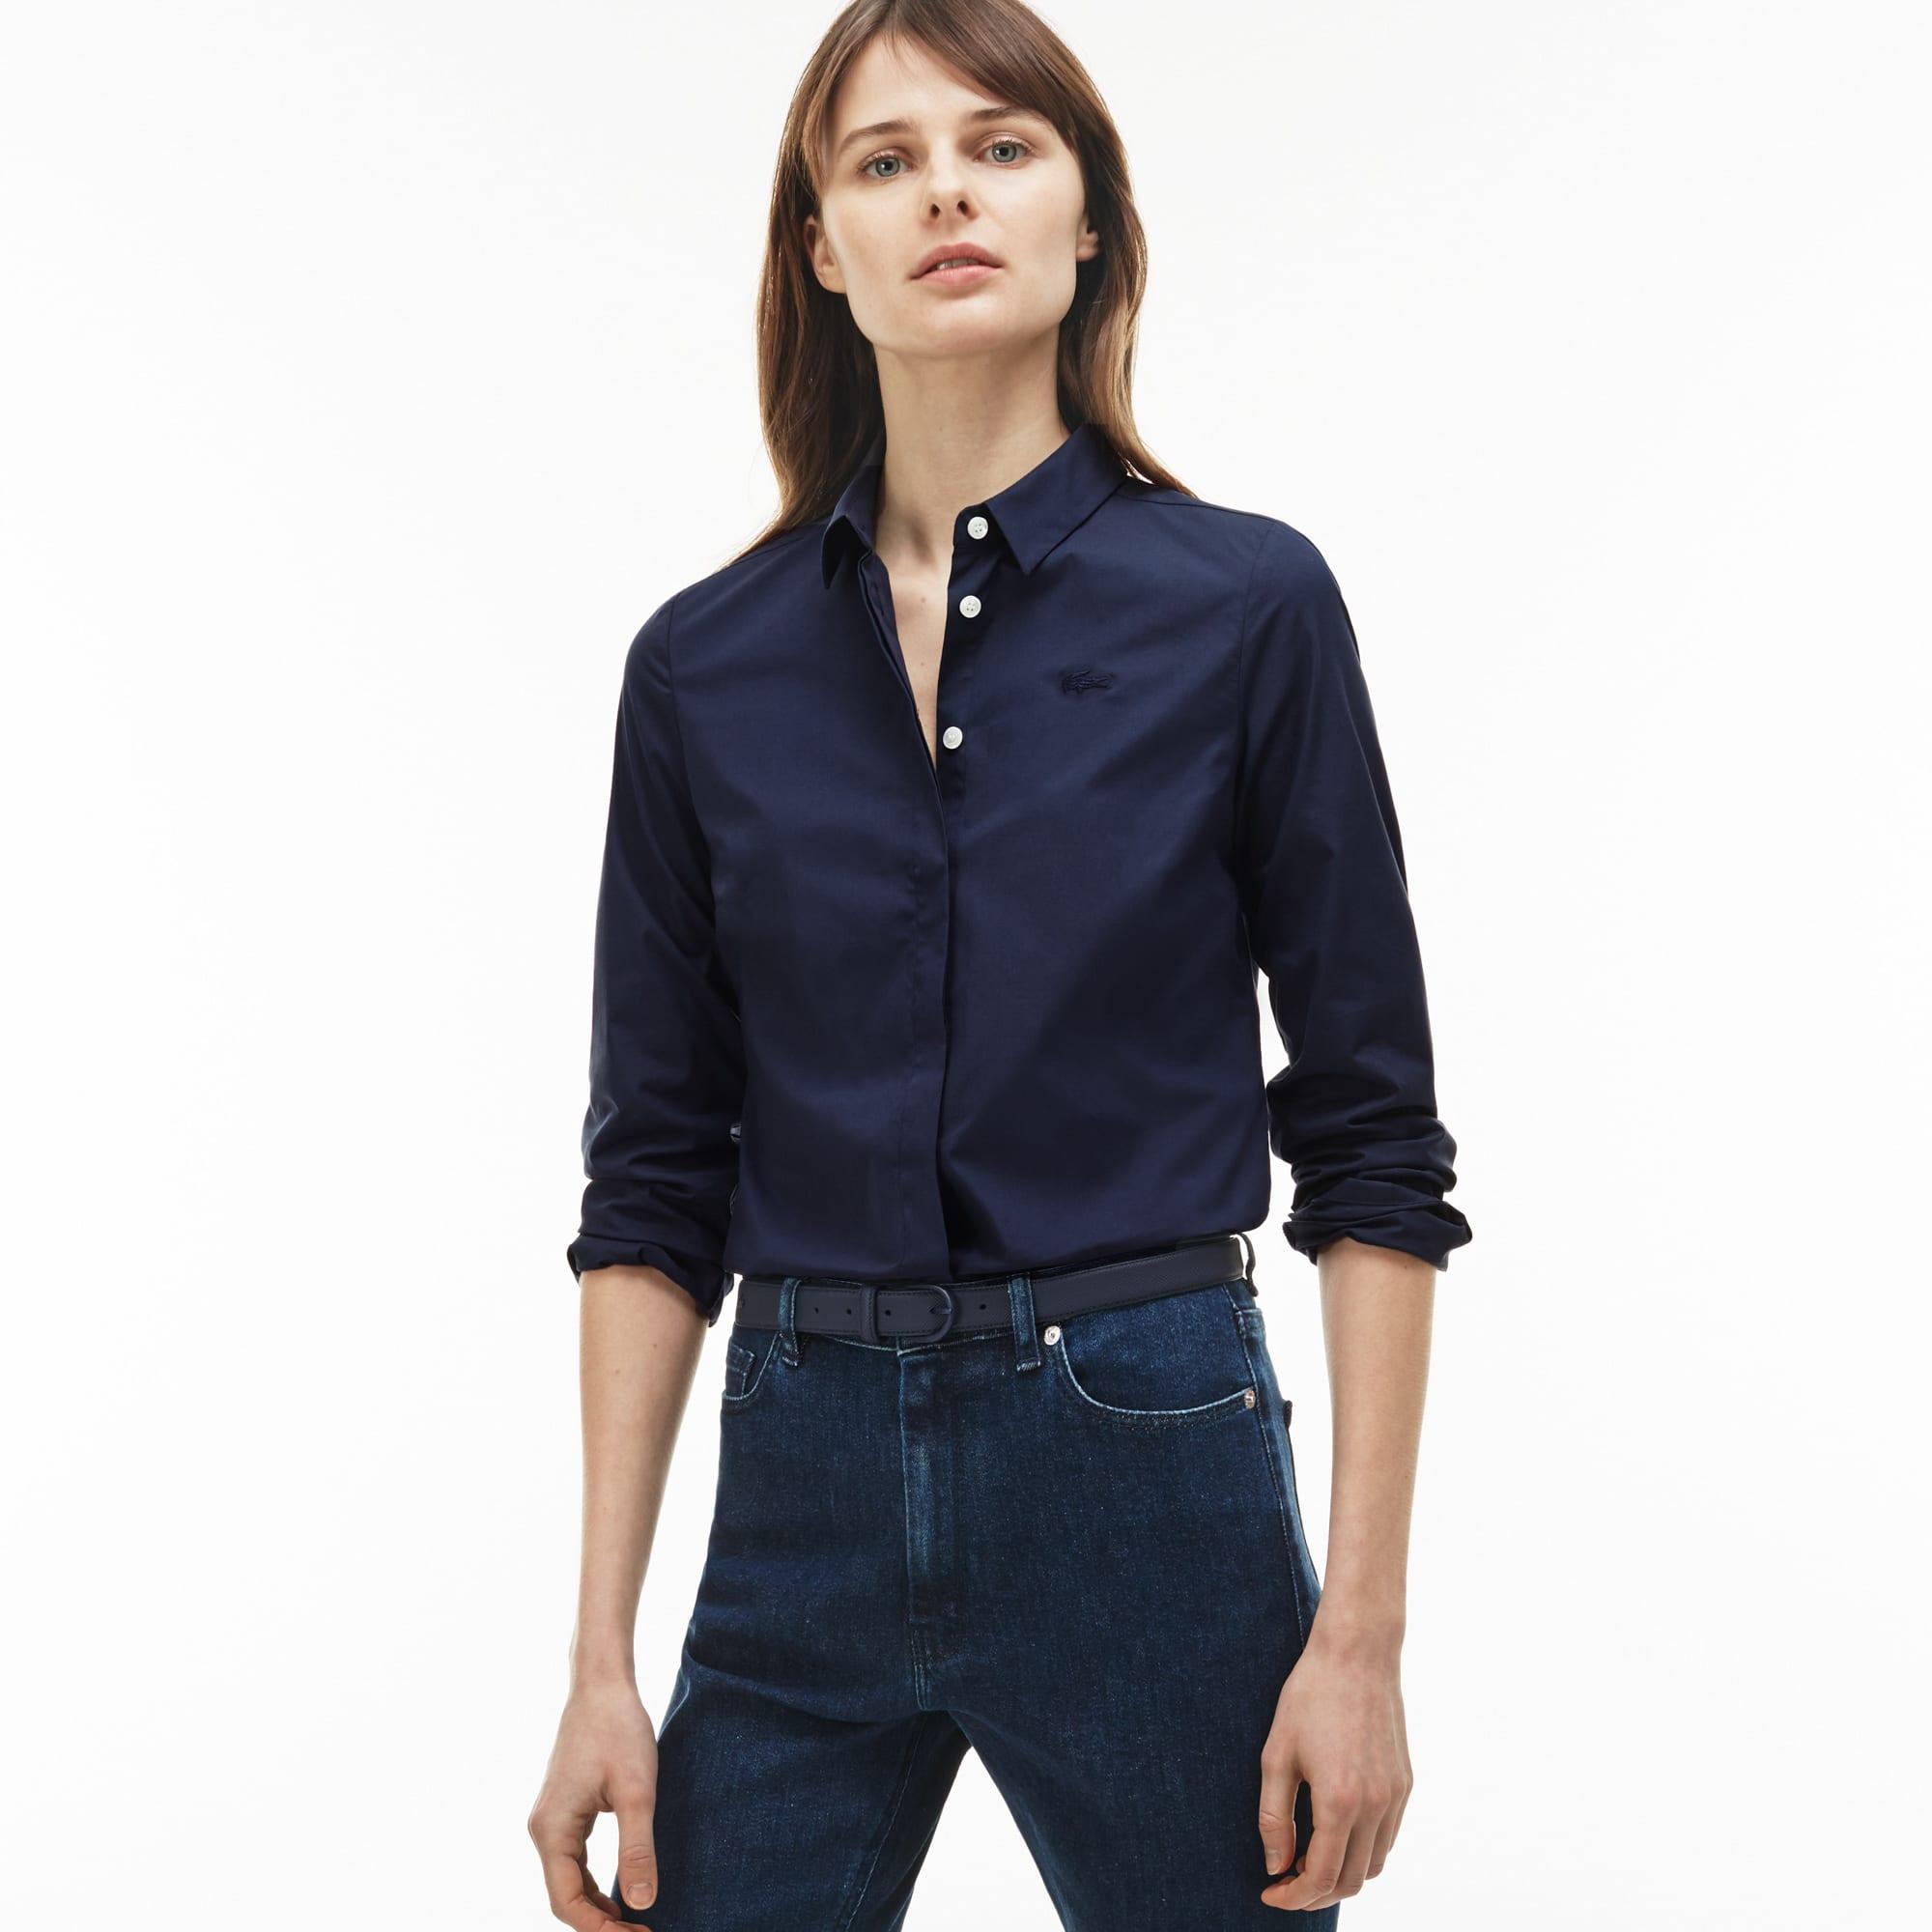 Artikel klicken und genauer betrachten! - Bequeme Baumwoll-Popeline und ein schlanker Schnitt vereinen sich zur perfekten Bluse für jeden Wochentag. Tragen Sie dazu eine Ledertasche der Kollektion. | im Online Shop kaufen